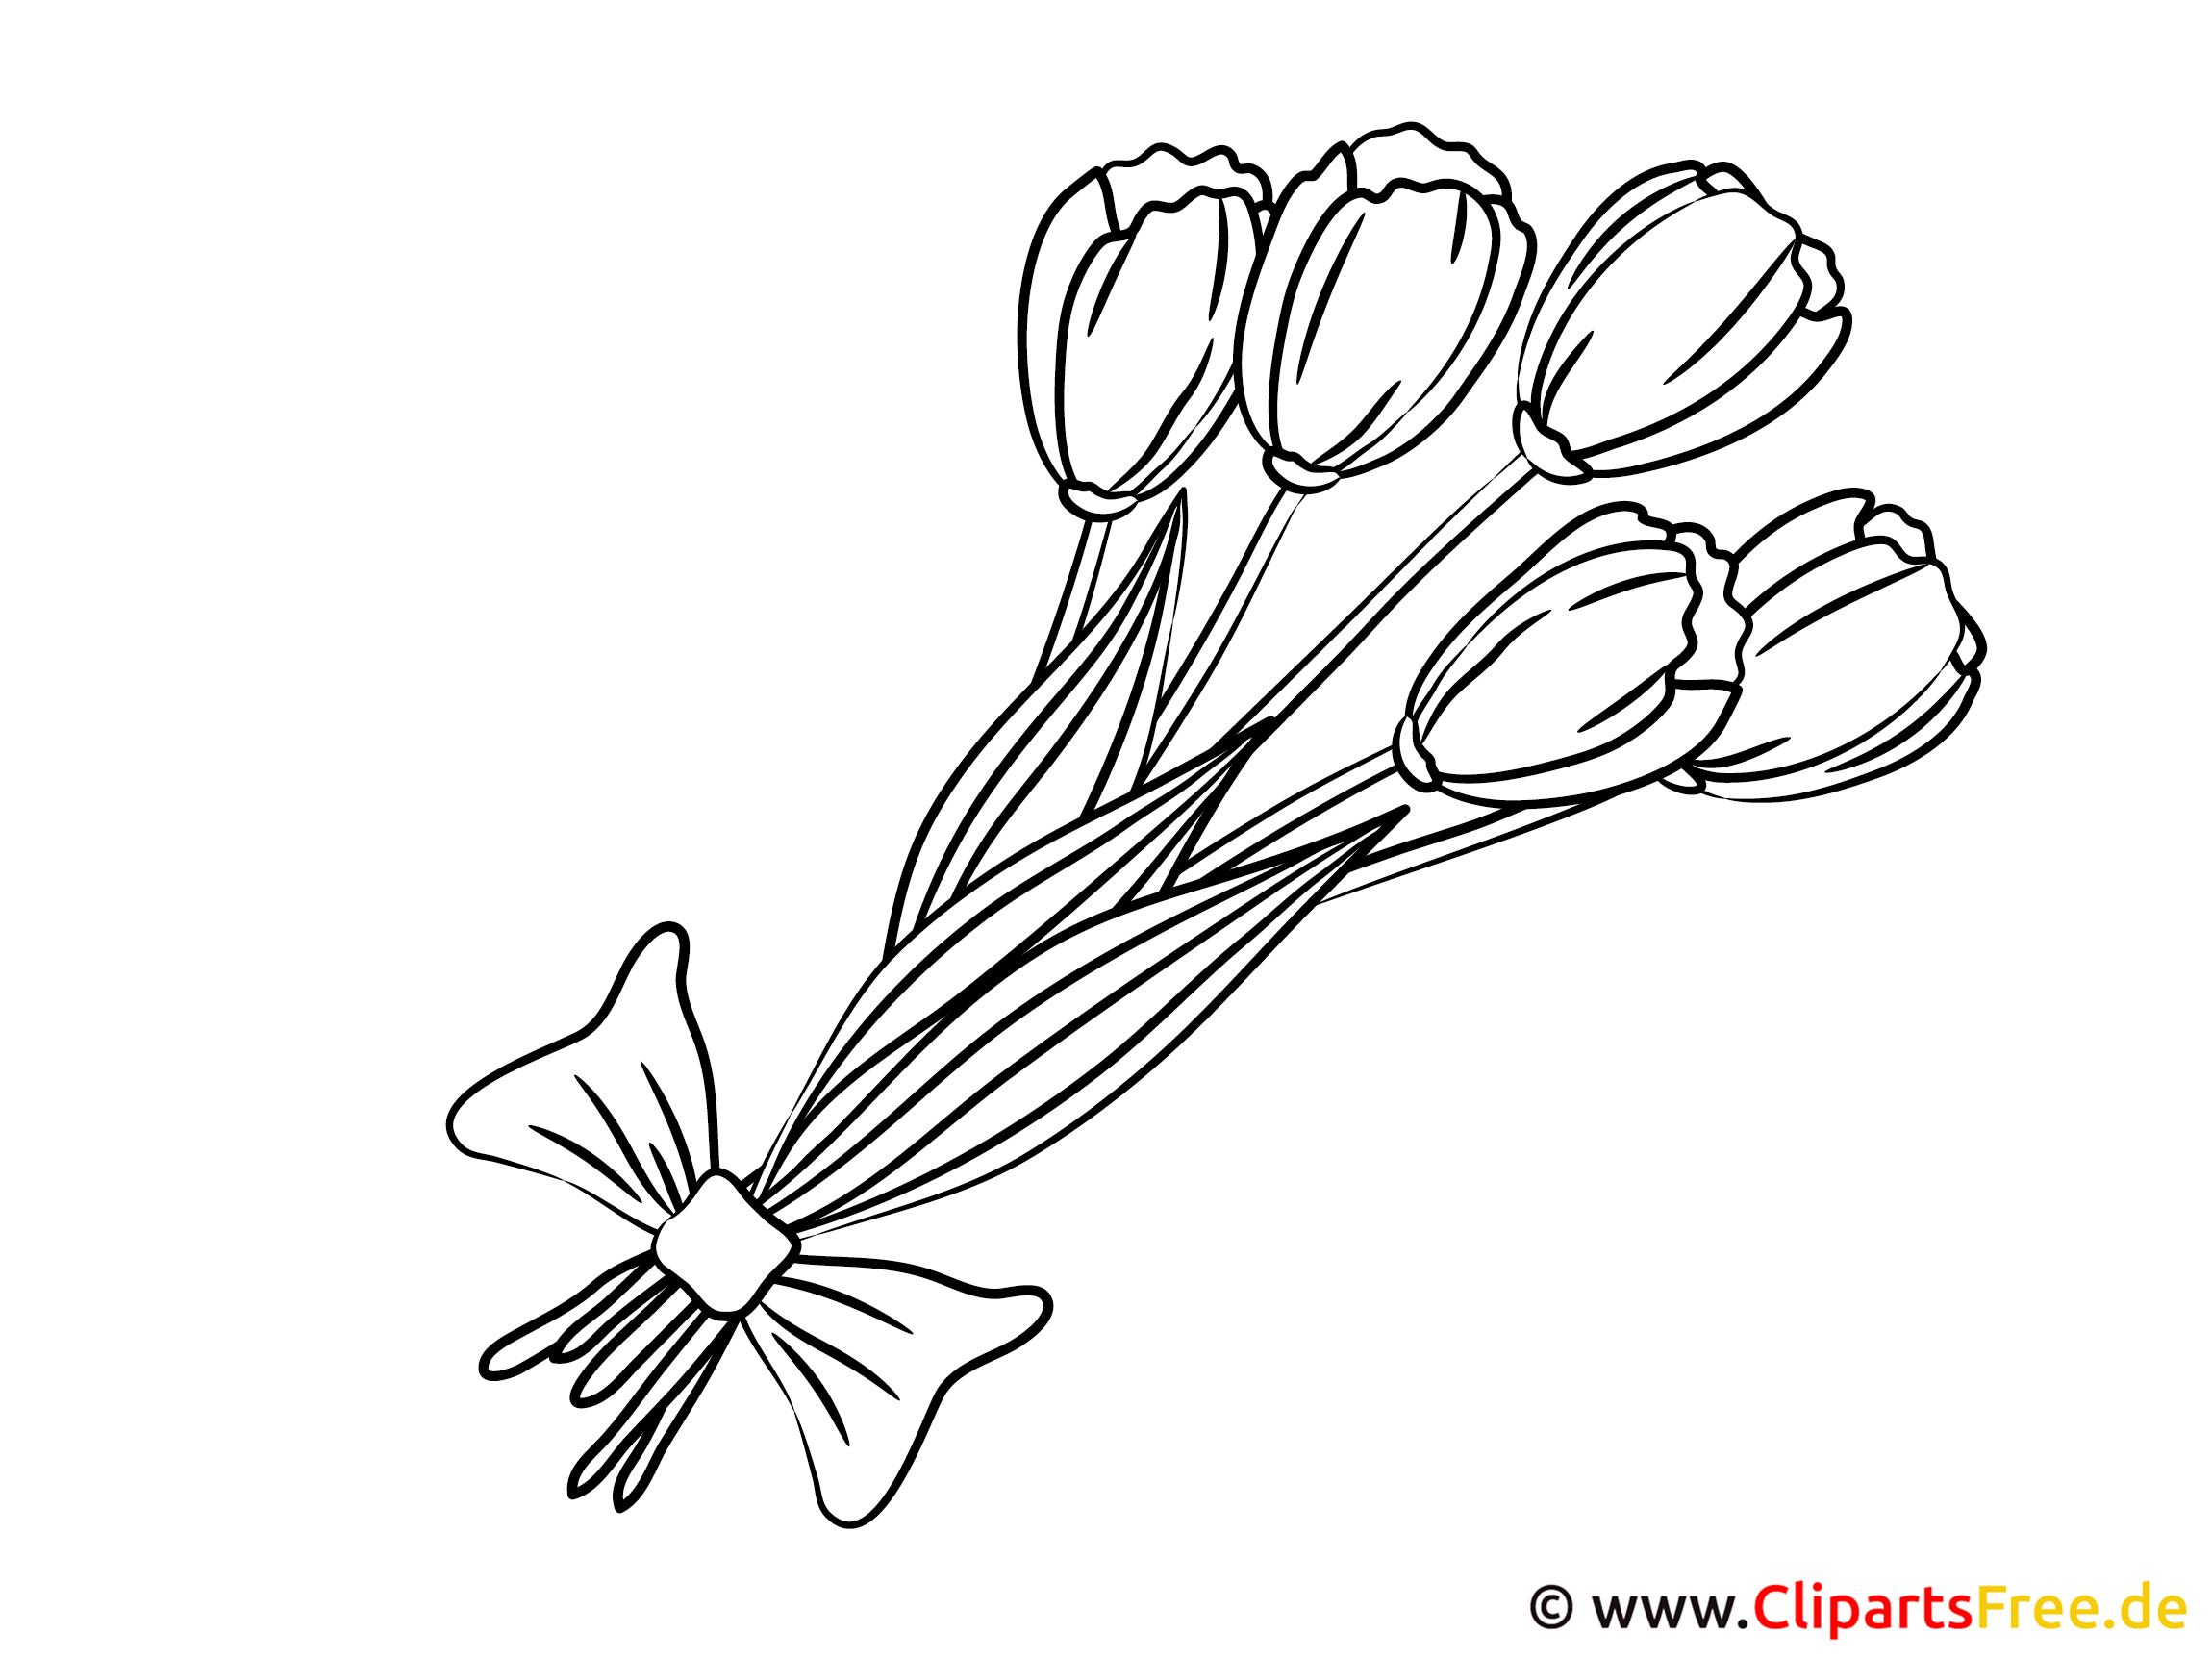 Blumen Vorlagen Zum Ausmalen in Vorlagen Zum Ausmalen